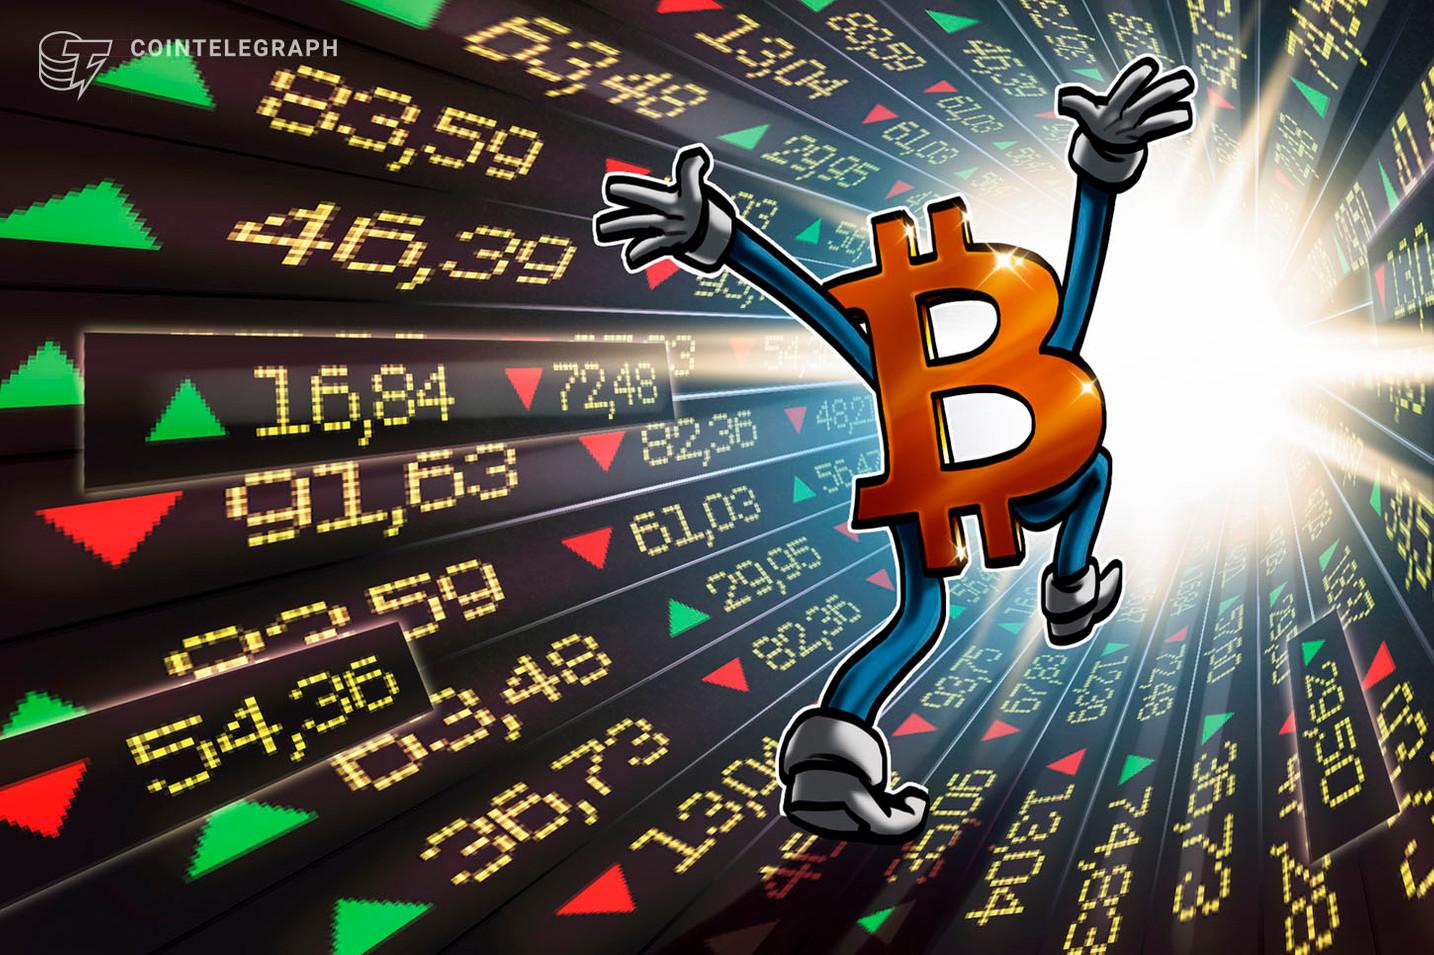 ¿Qué es lo que mueve el precio de Bitcoin? ¿Cuál es el factor más importante?